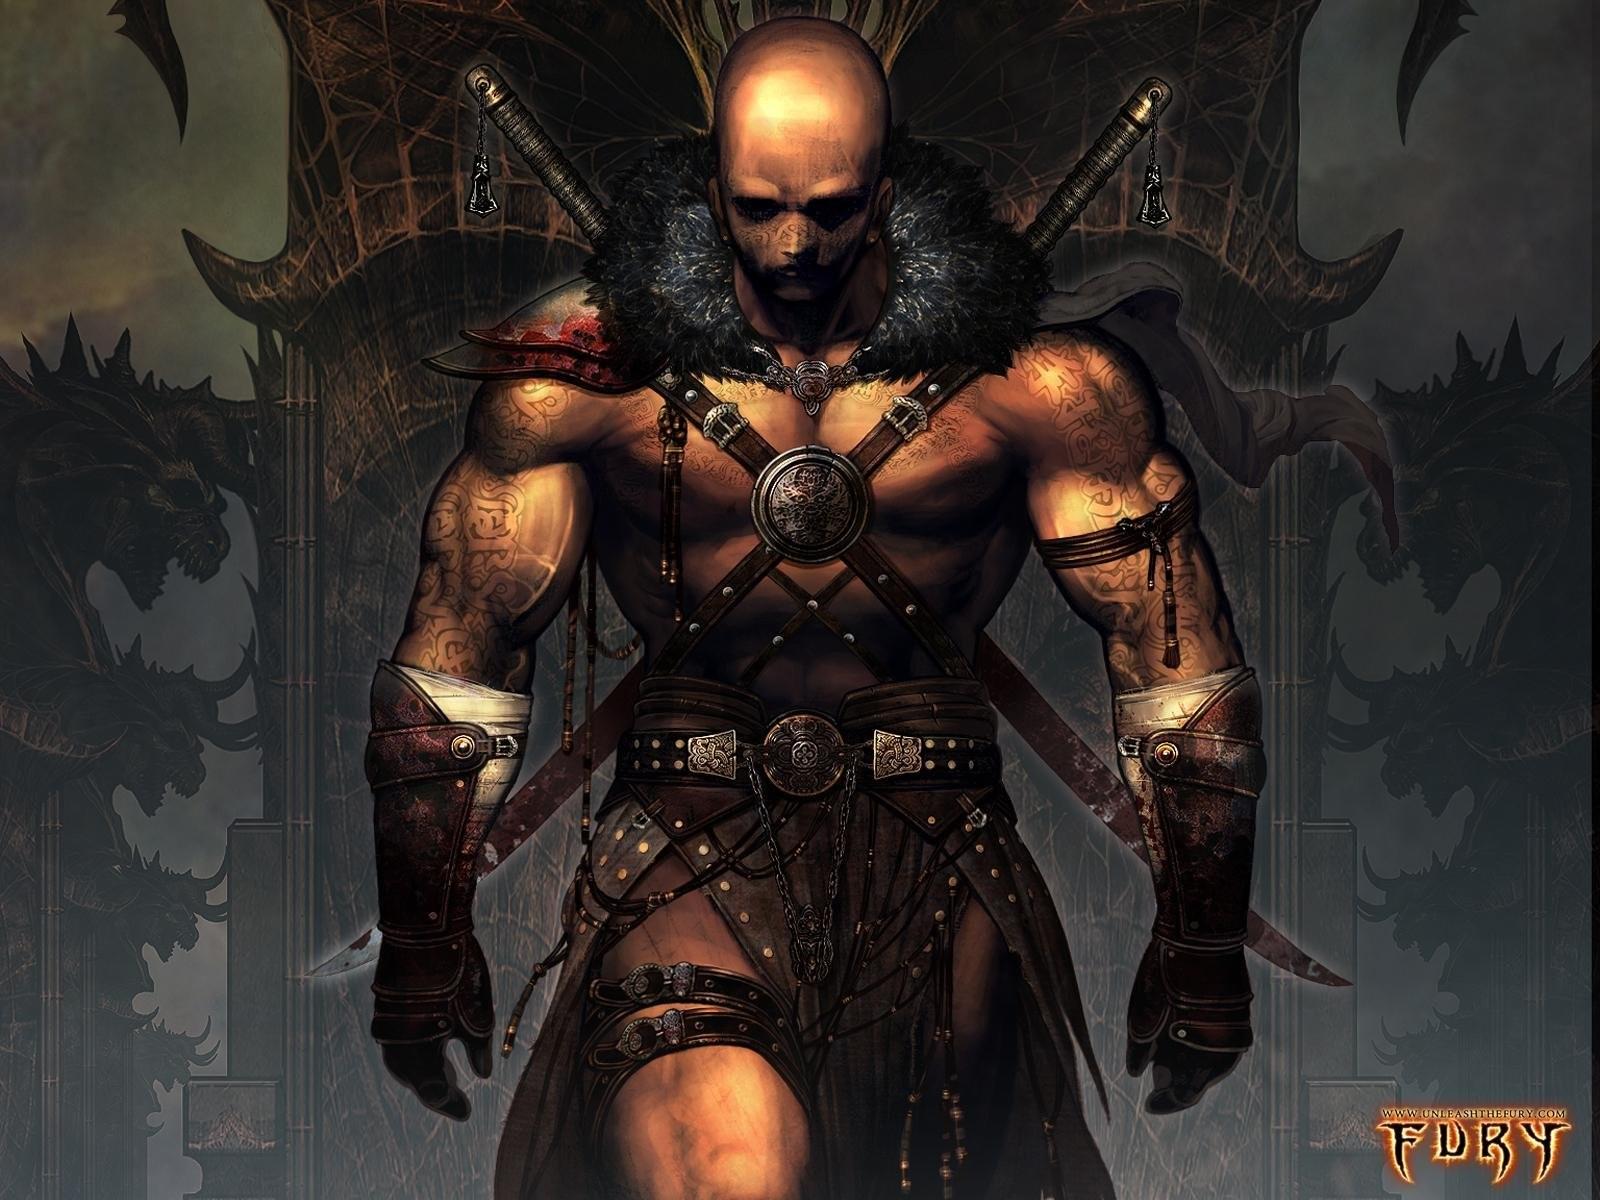 http://2.bp.blogspot.com/-3ifyMnSpyrE/T_W5-0dptvI/AAAAAAAAARw/wBILlVc9LH0/s1600/Great-Warrior-Fantasy-Monster-Desktop-Wallpaper.jpg